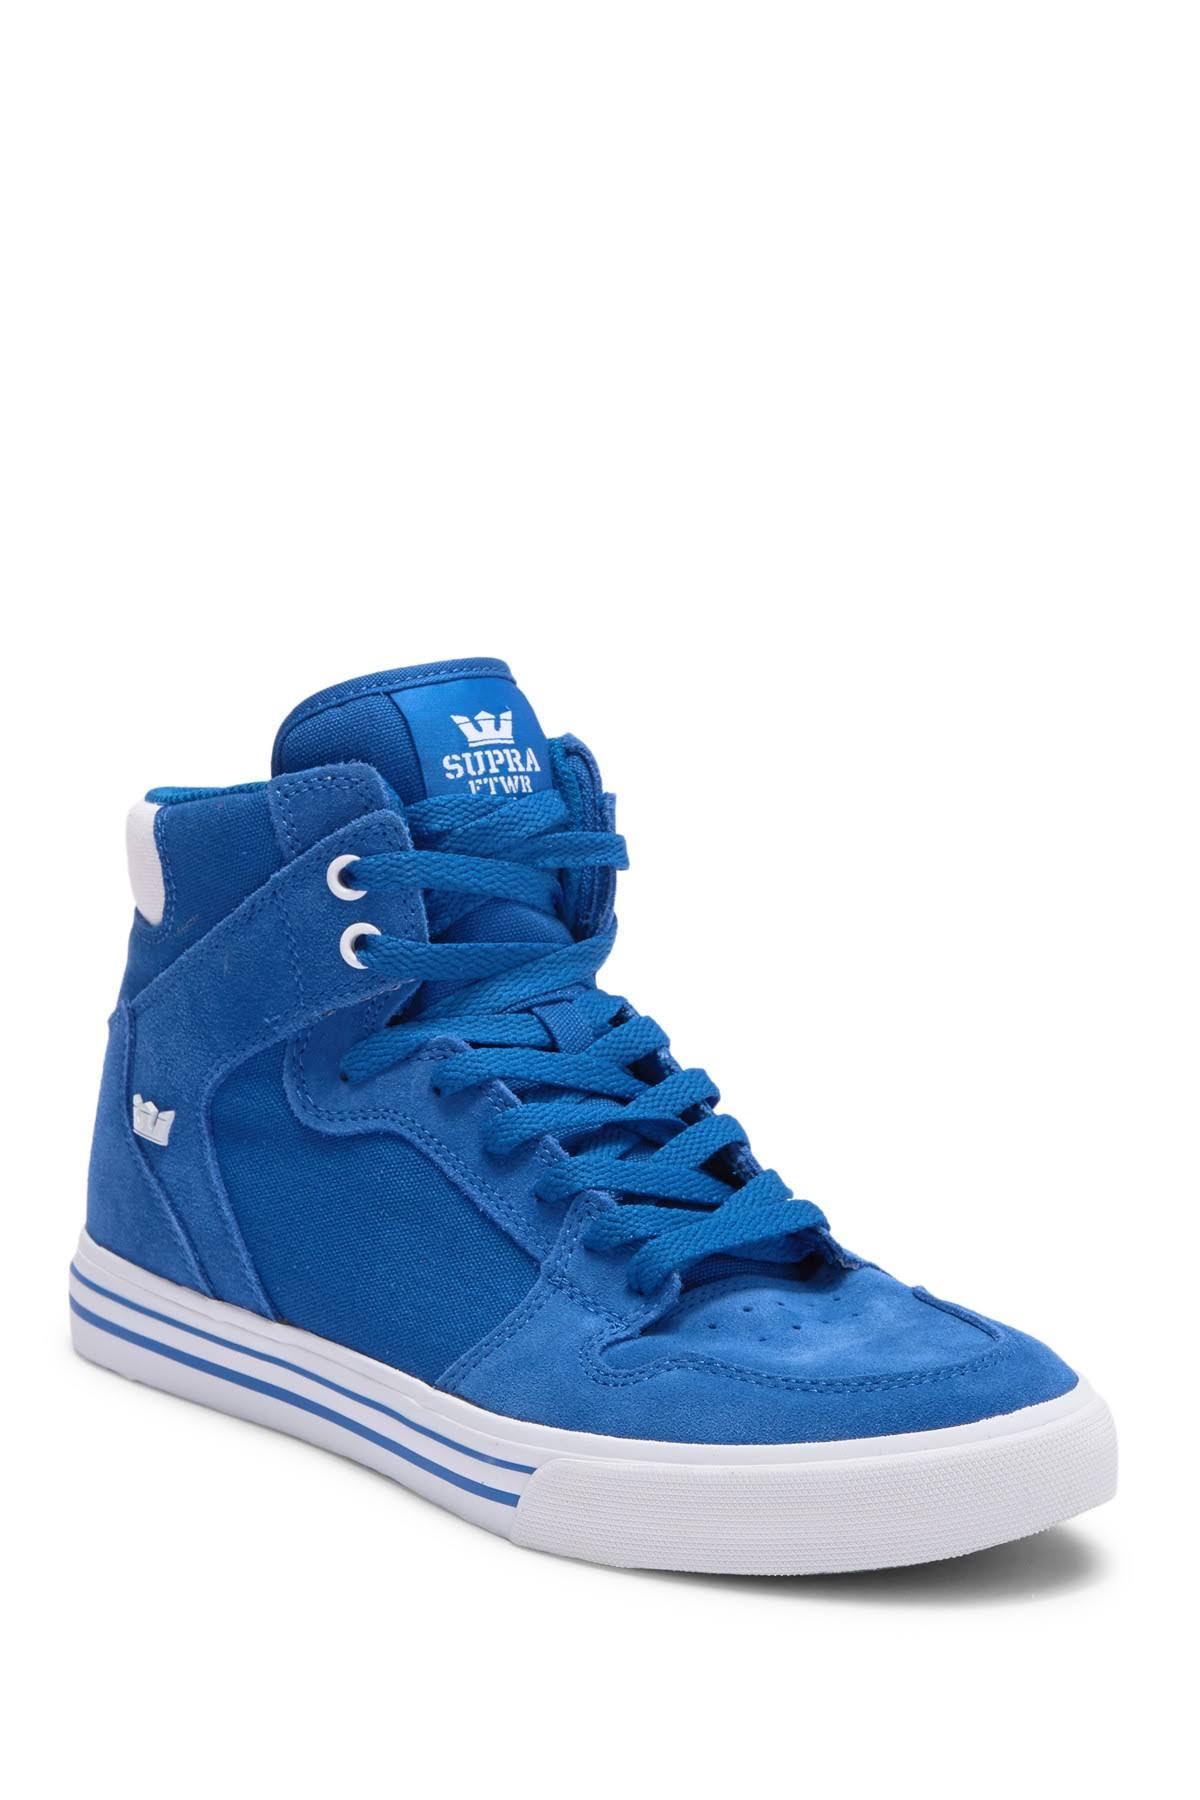 Zapatos Nordstrom Blanco Hombre Y De Ocean En Para Supra Piel Altas Ante Top Zapatillas High Vaider Rack PqwW60zCH